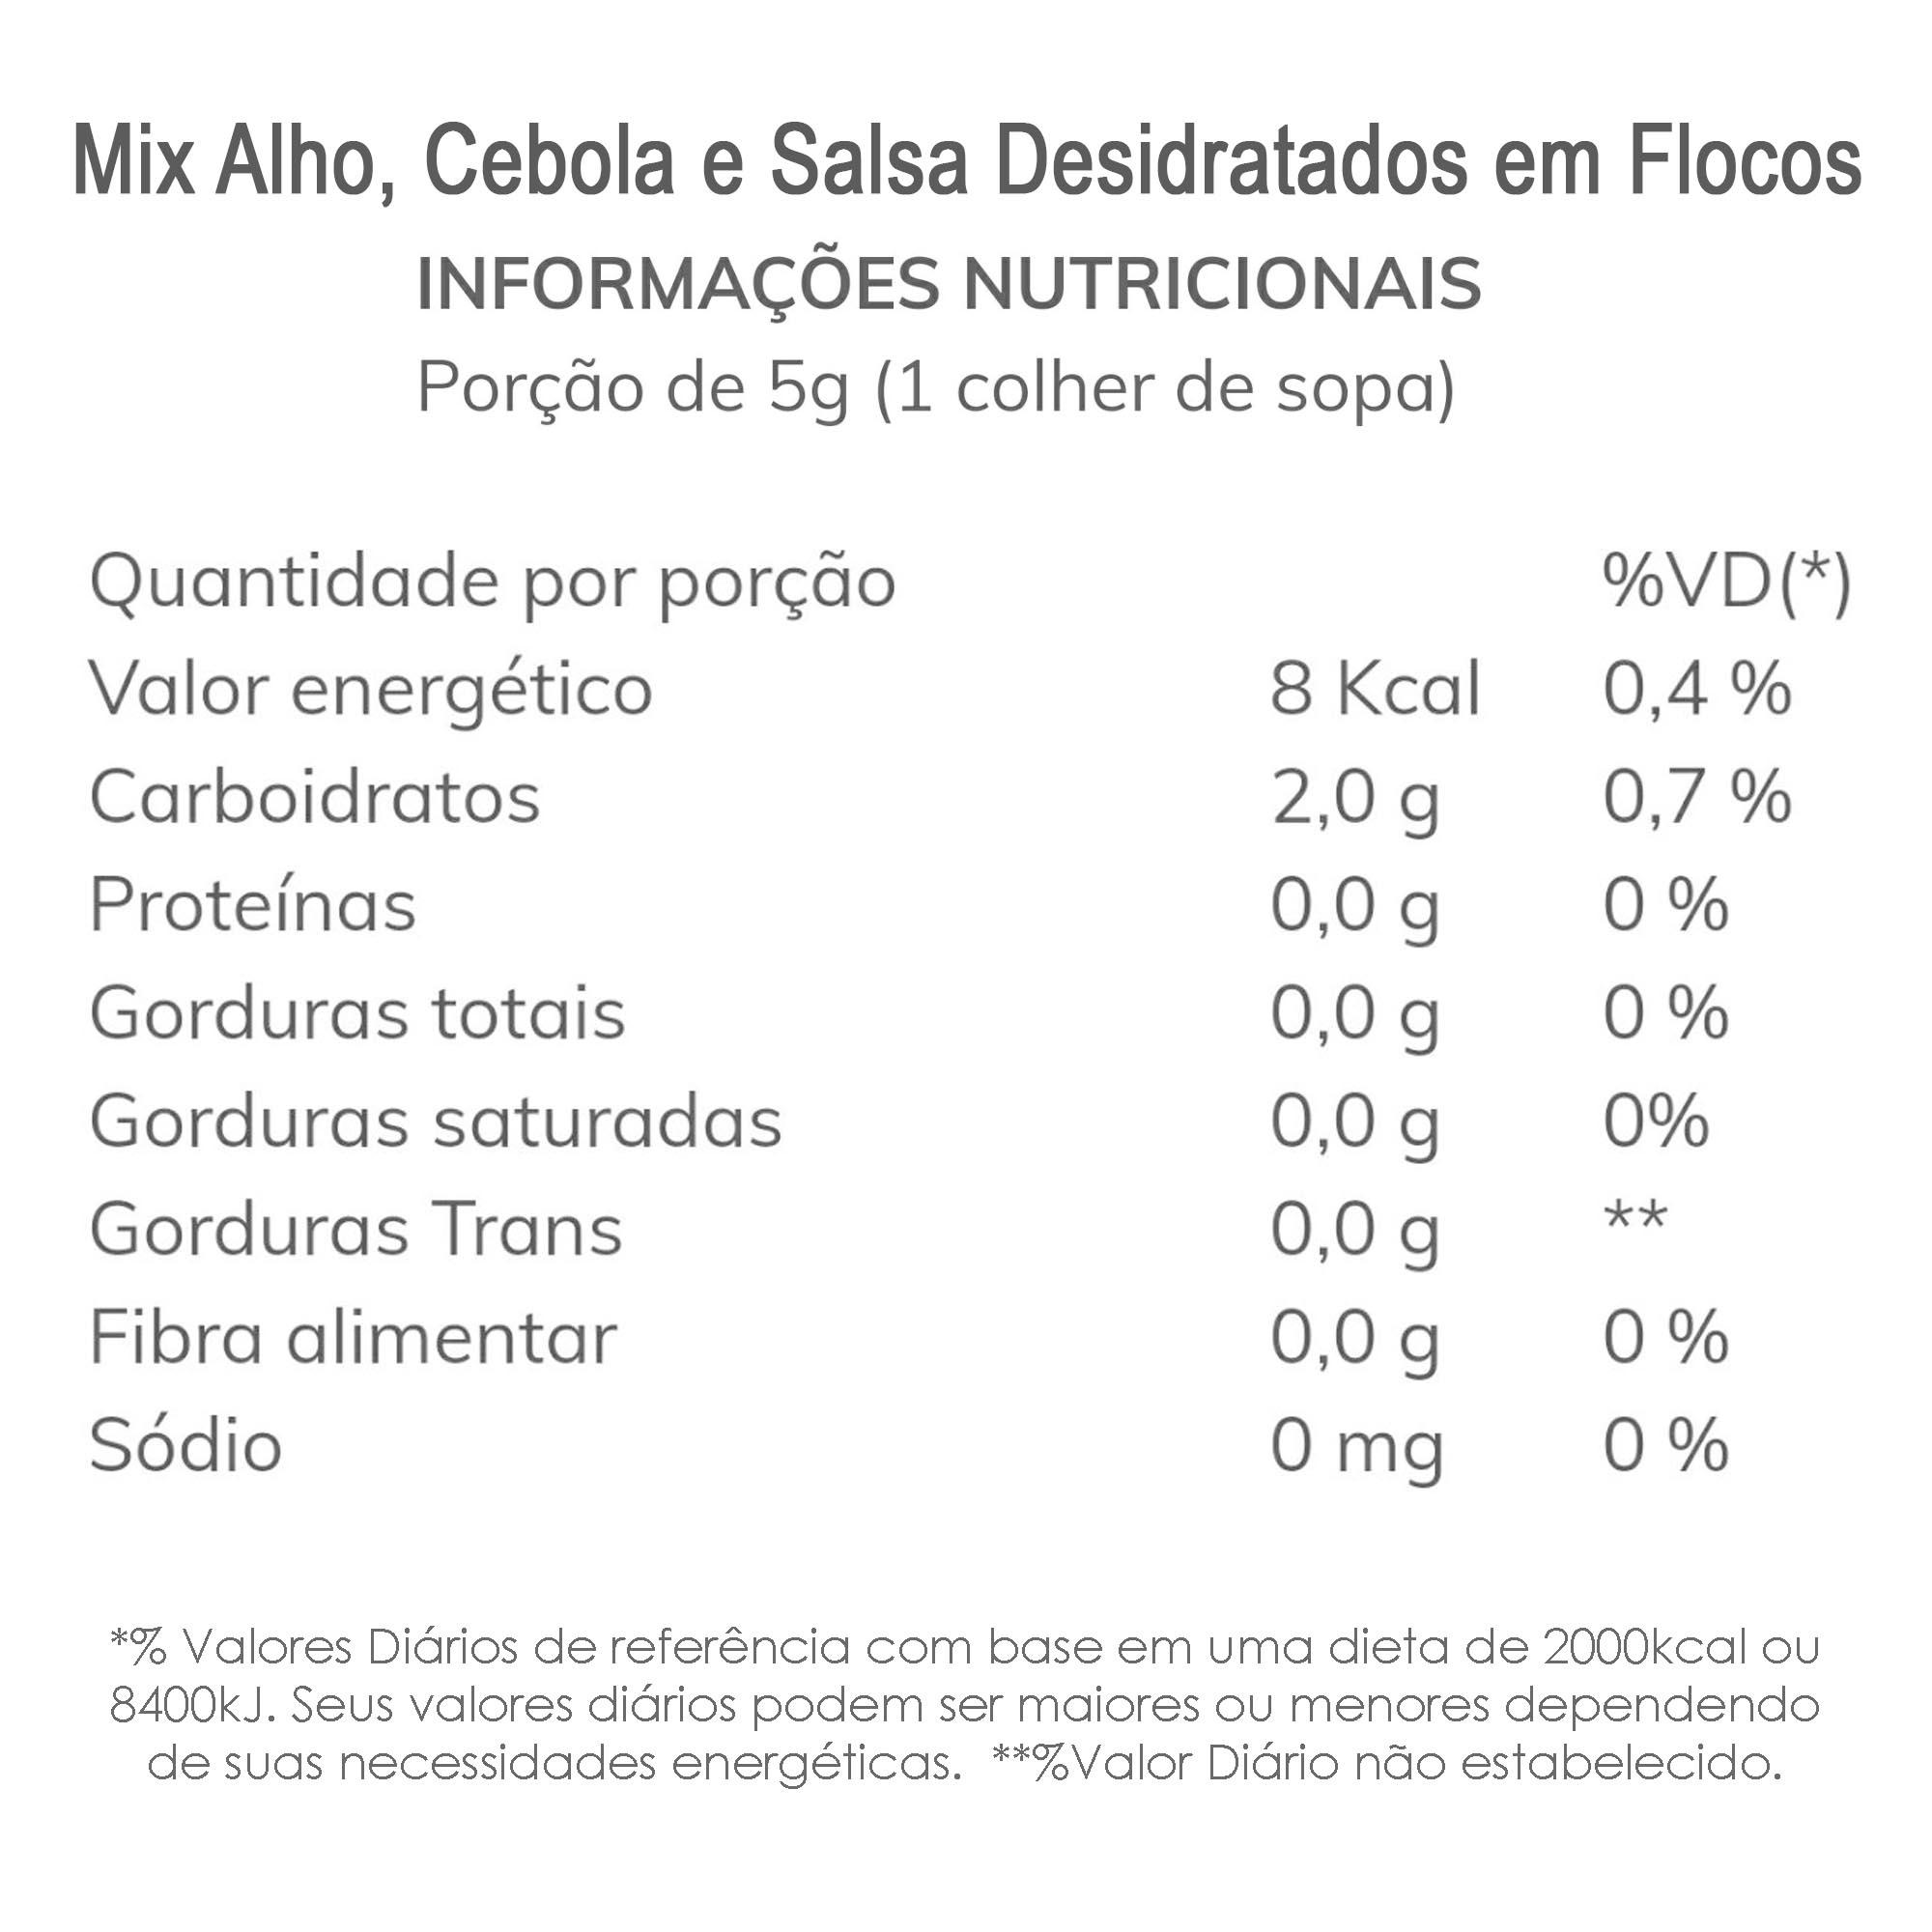 Mix de Alho, Cebola e Salsa Desidratados em Flocos 200g  - TLC Tudo Low Carb